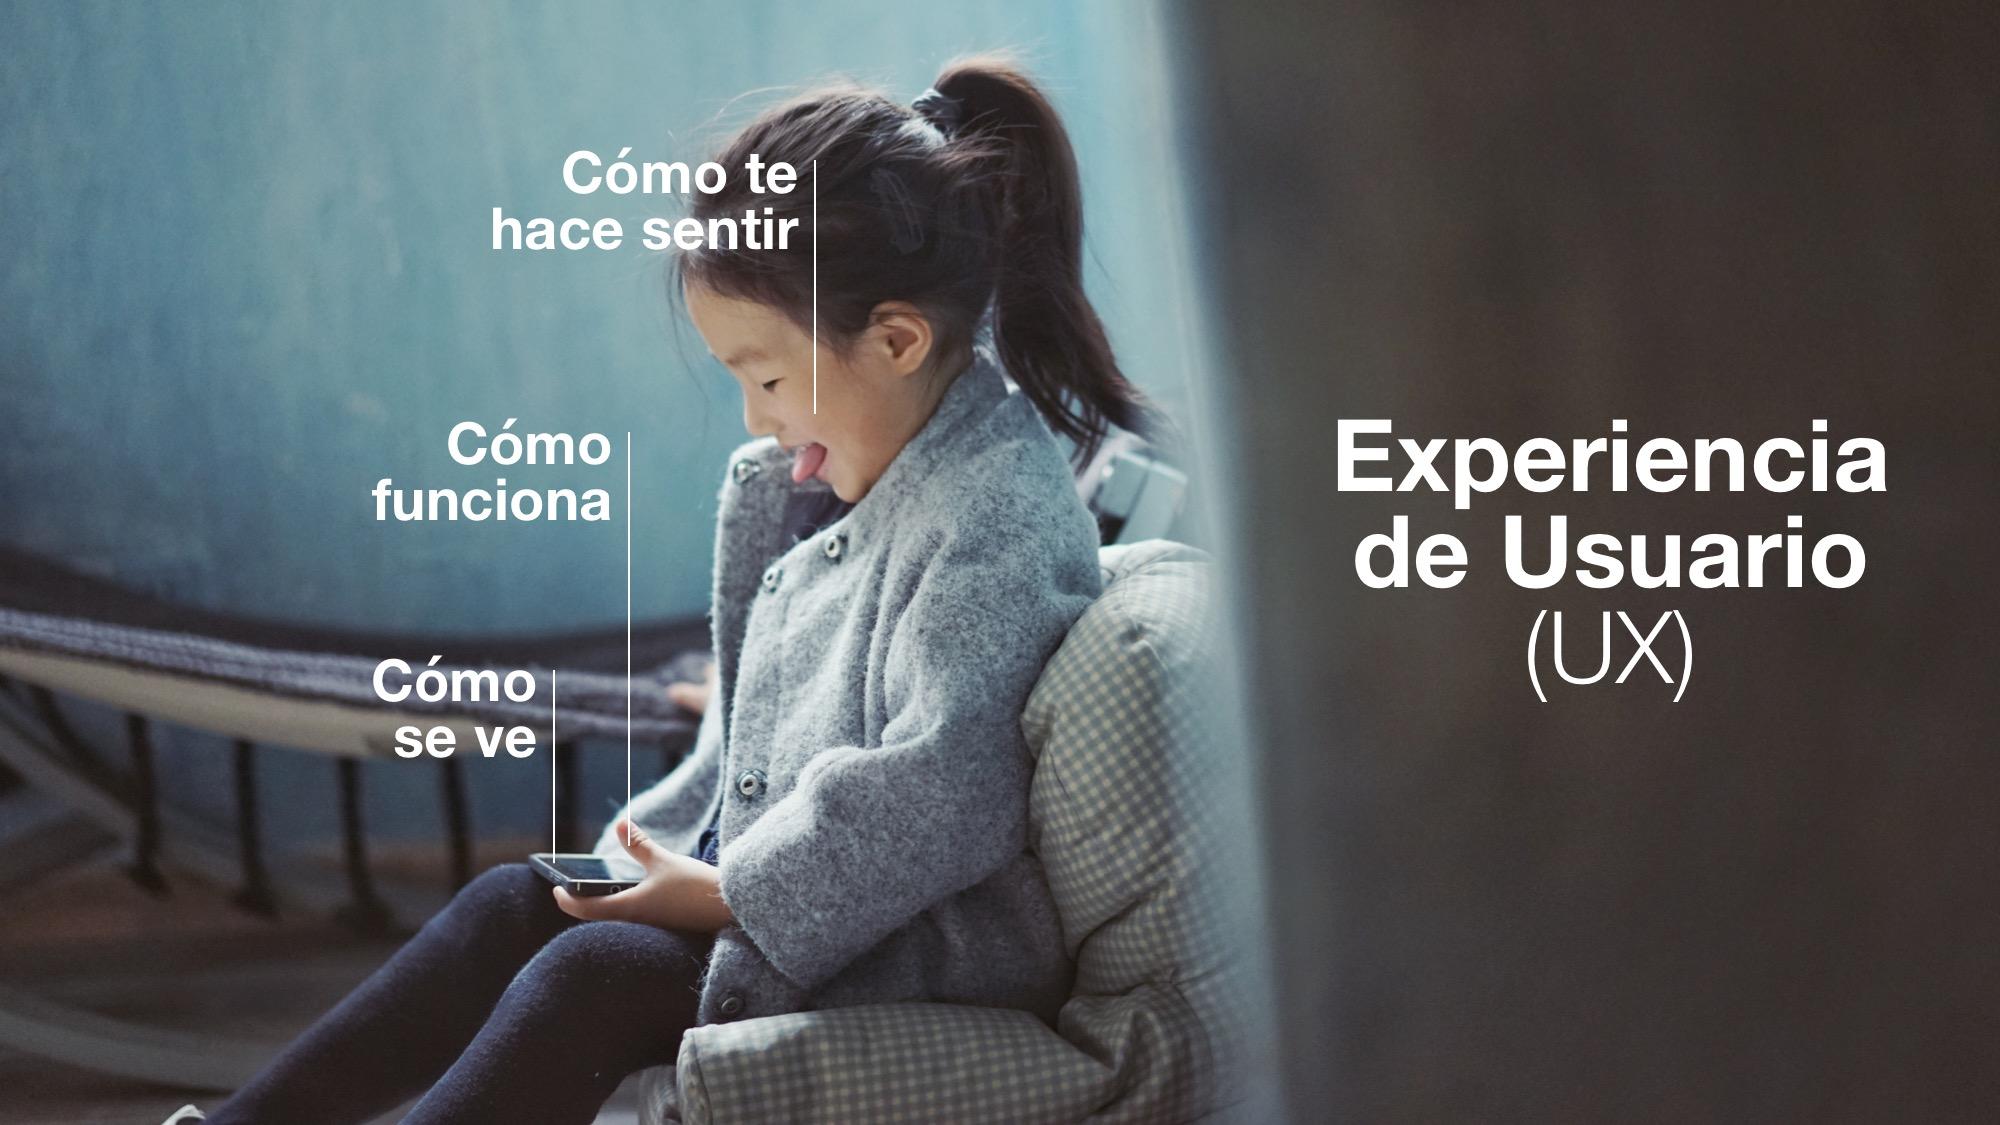 El diseñador de experiencias de usuario e interfaces (UX/UI) se encarga de planificar,diseñar y mejorar la completa experiencia que el usuario tiene al utilizar un determinado producto.